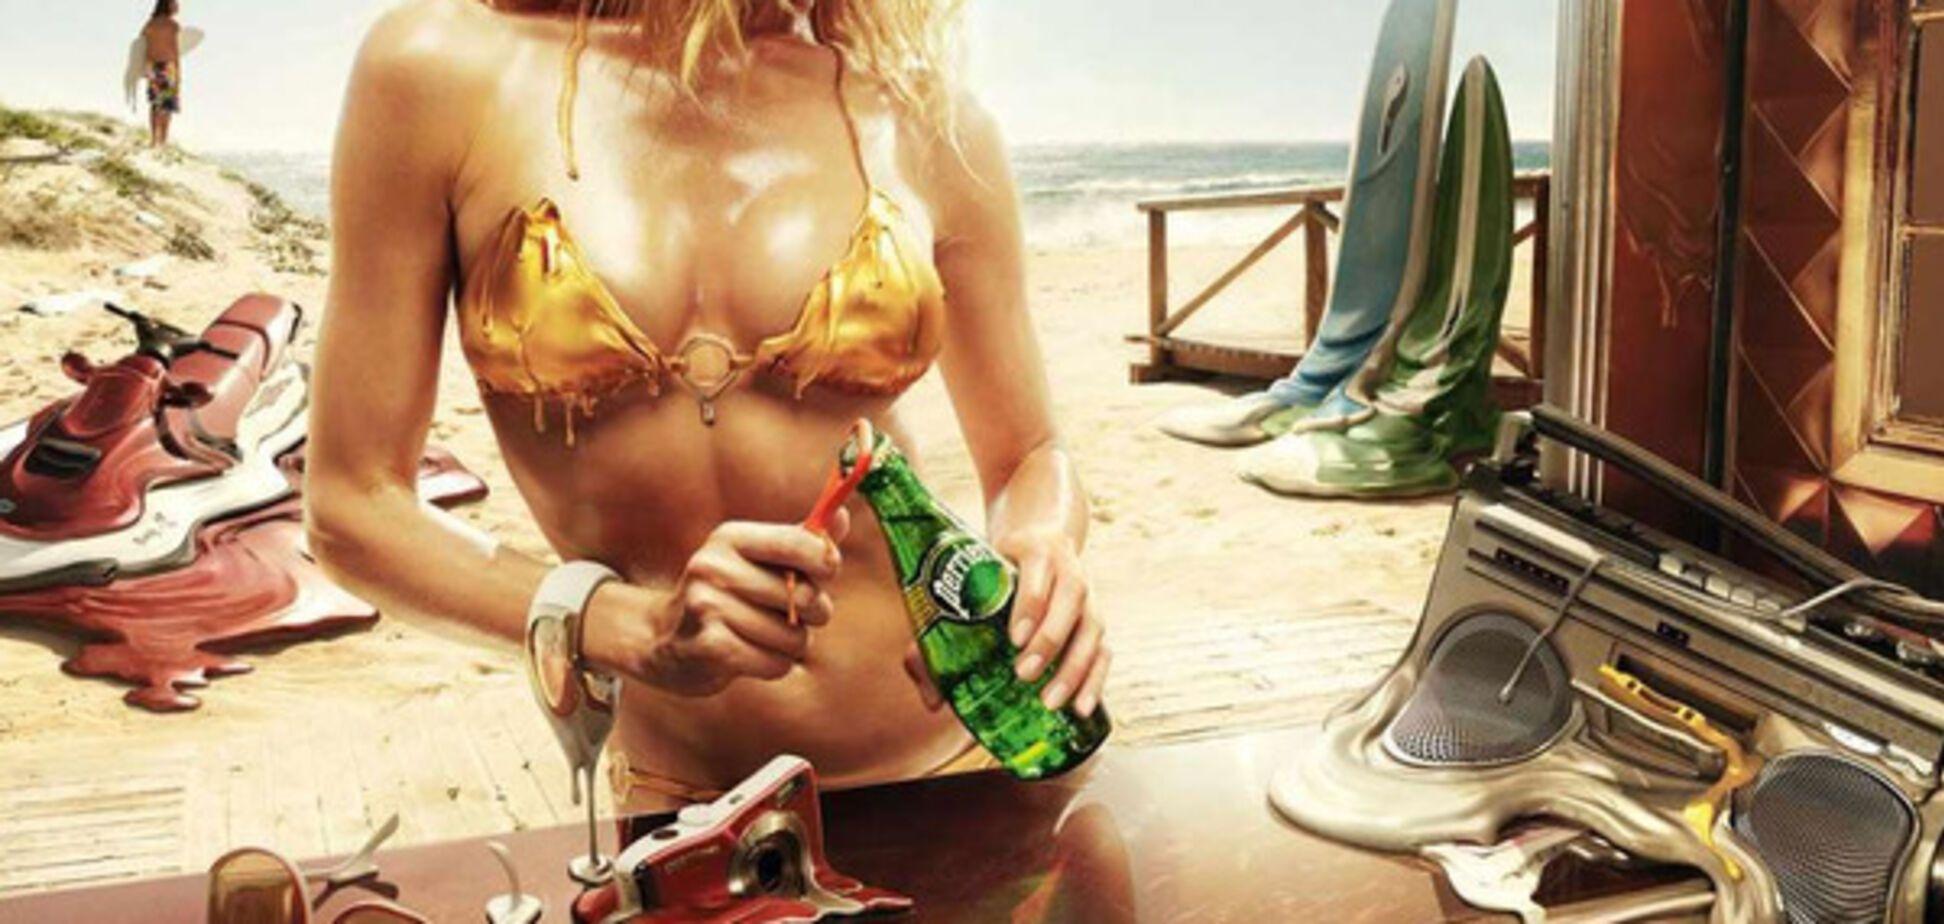 Секс продает: 12 самых креативных примеров пикантной рекламы